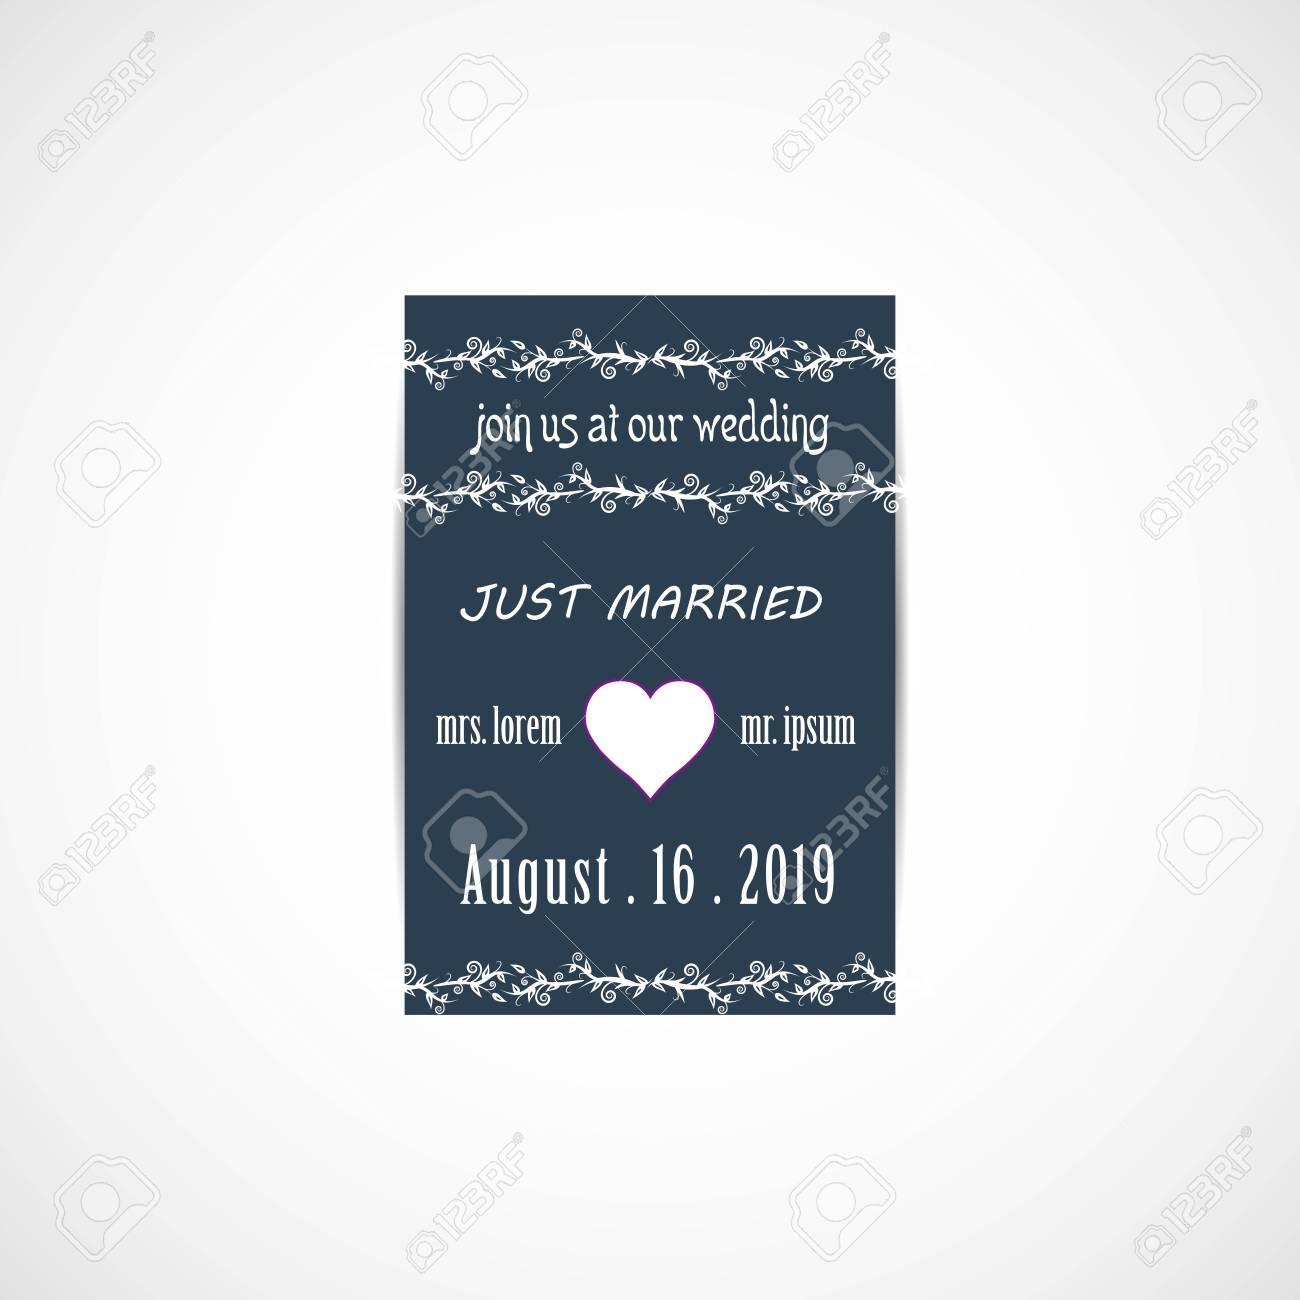 Wedding invitation card vector illustration eps file royalty wedding invitation card vector illustration eps file stock vector 84412151 stopboris Image collections